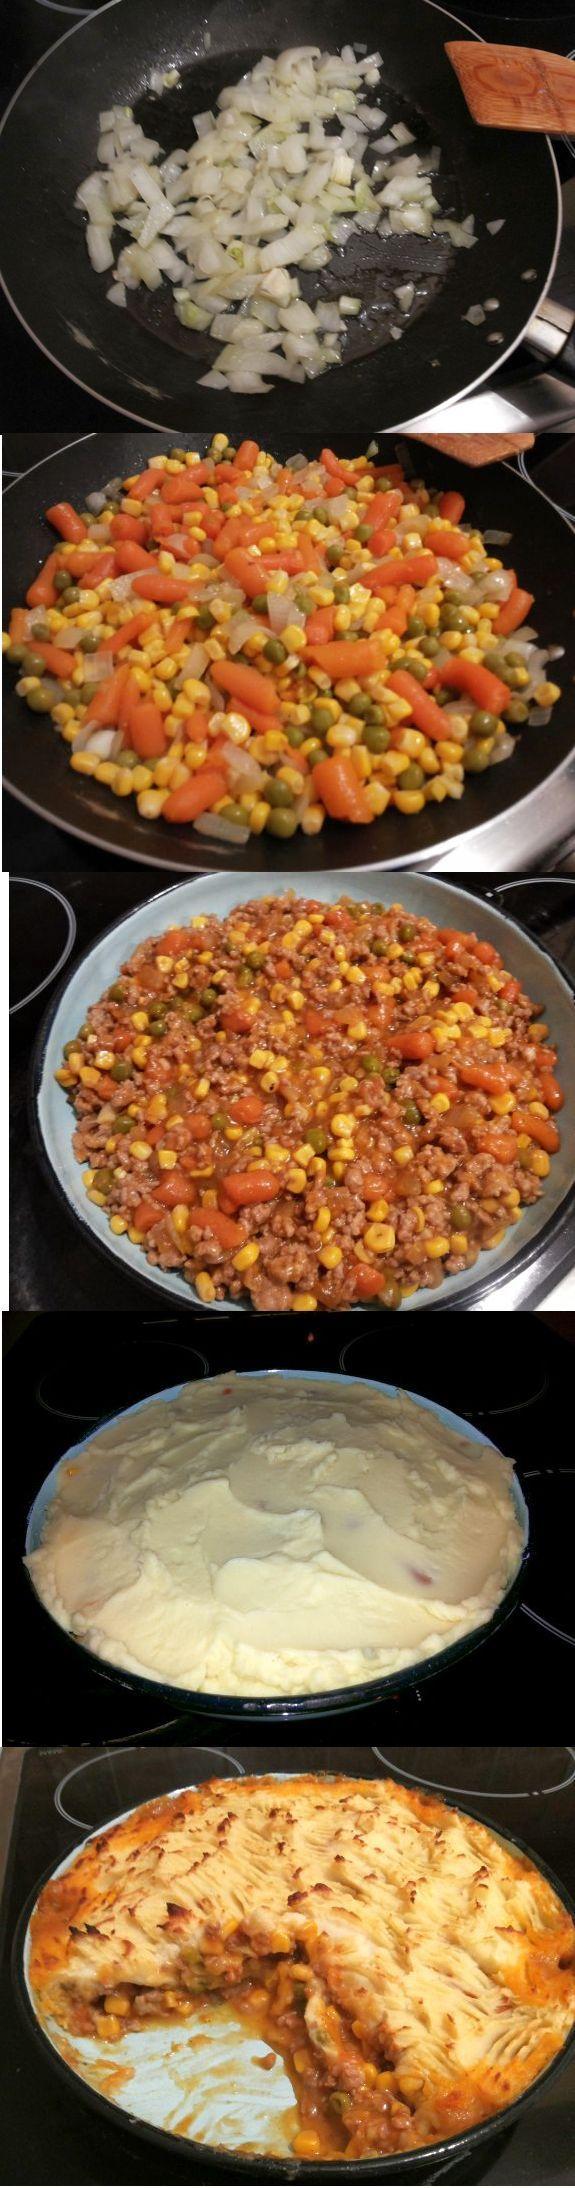 I sautéed millet, onions, carrots, peas, beef, topped with mashed potatoes and baked in the oven Salteado de millo, cebolla, zanahoria, guisantes, carne de ternera, cubierto con pure de patatas y gratinado al horno Subido de Pinterest. http://www.isladelecturas.es/index.php/noticias/libros/835-las-aventuras-de-indiana-juana-de-jaime-fuster A la venta en AMAZON. Feliz lectura.